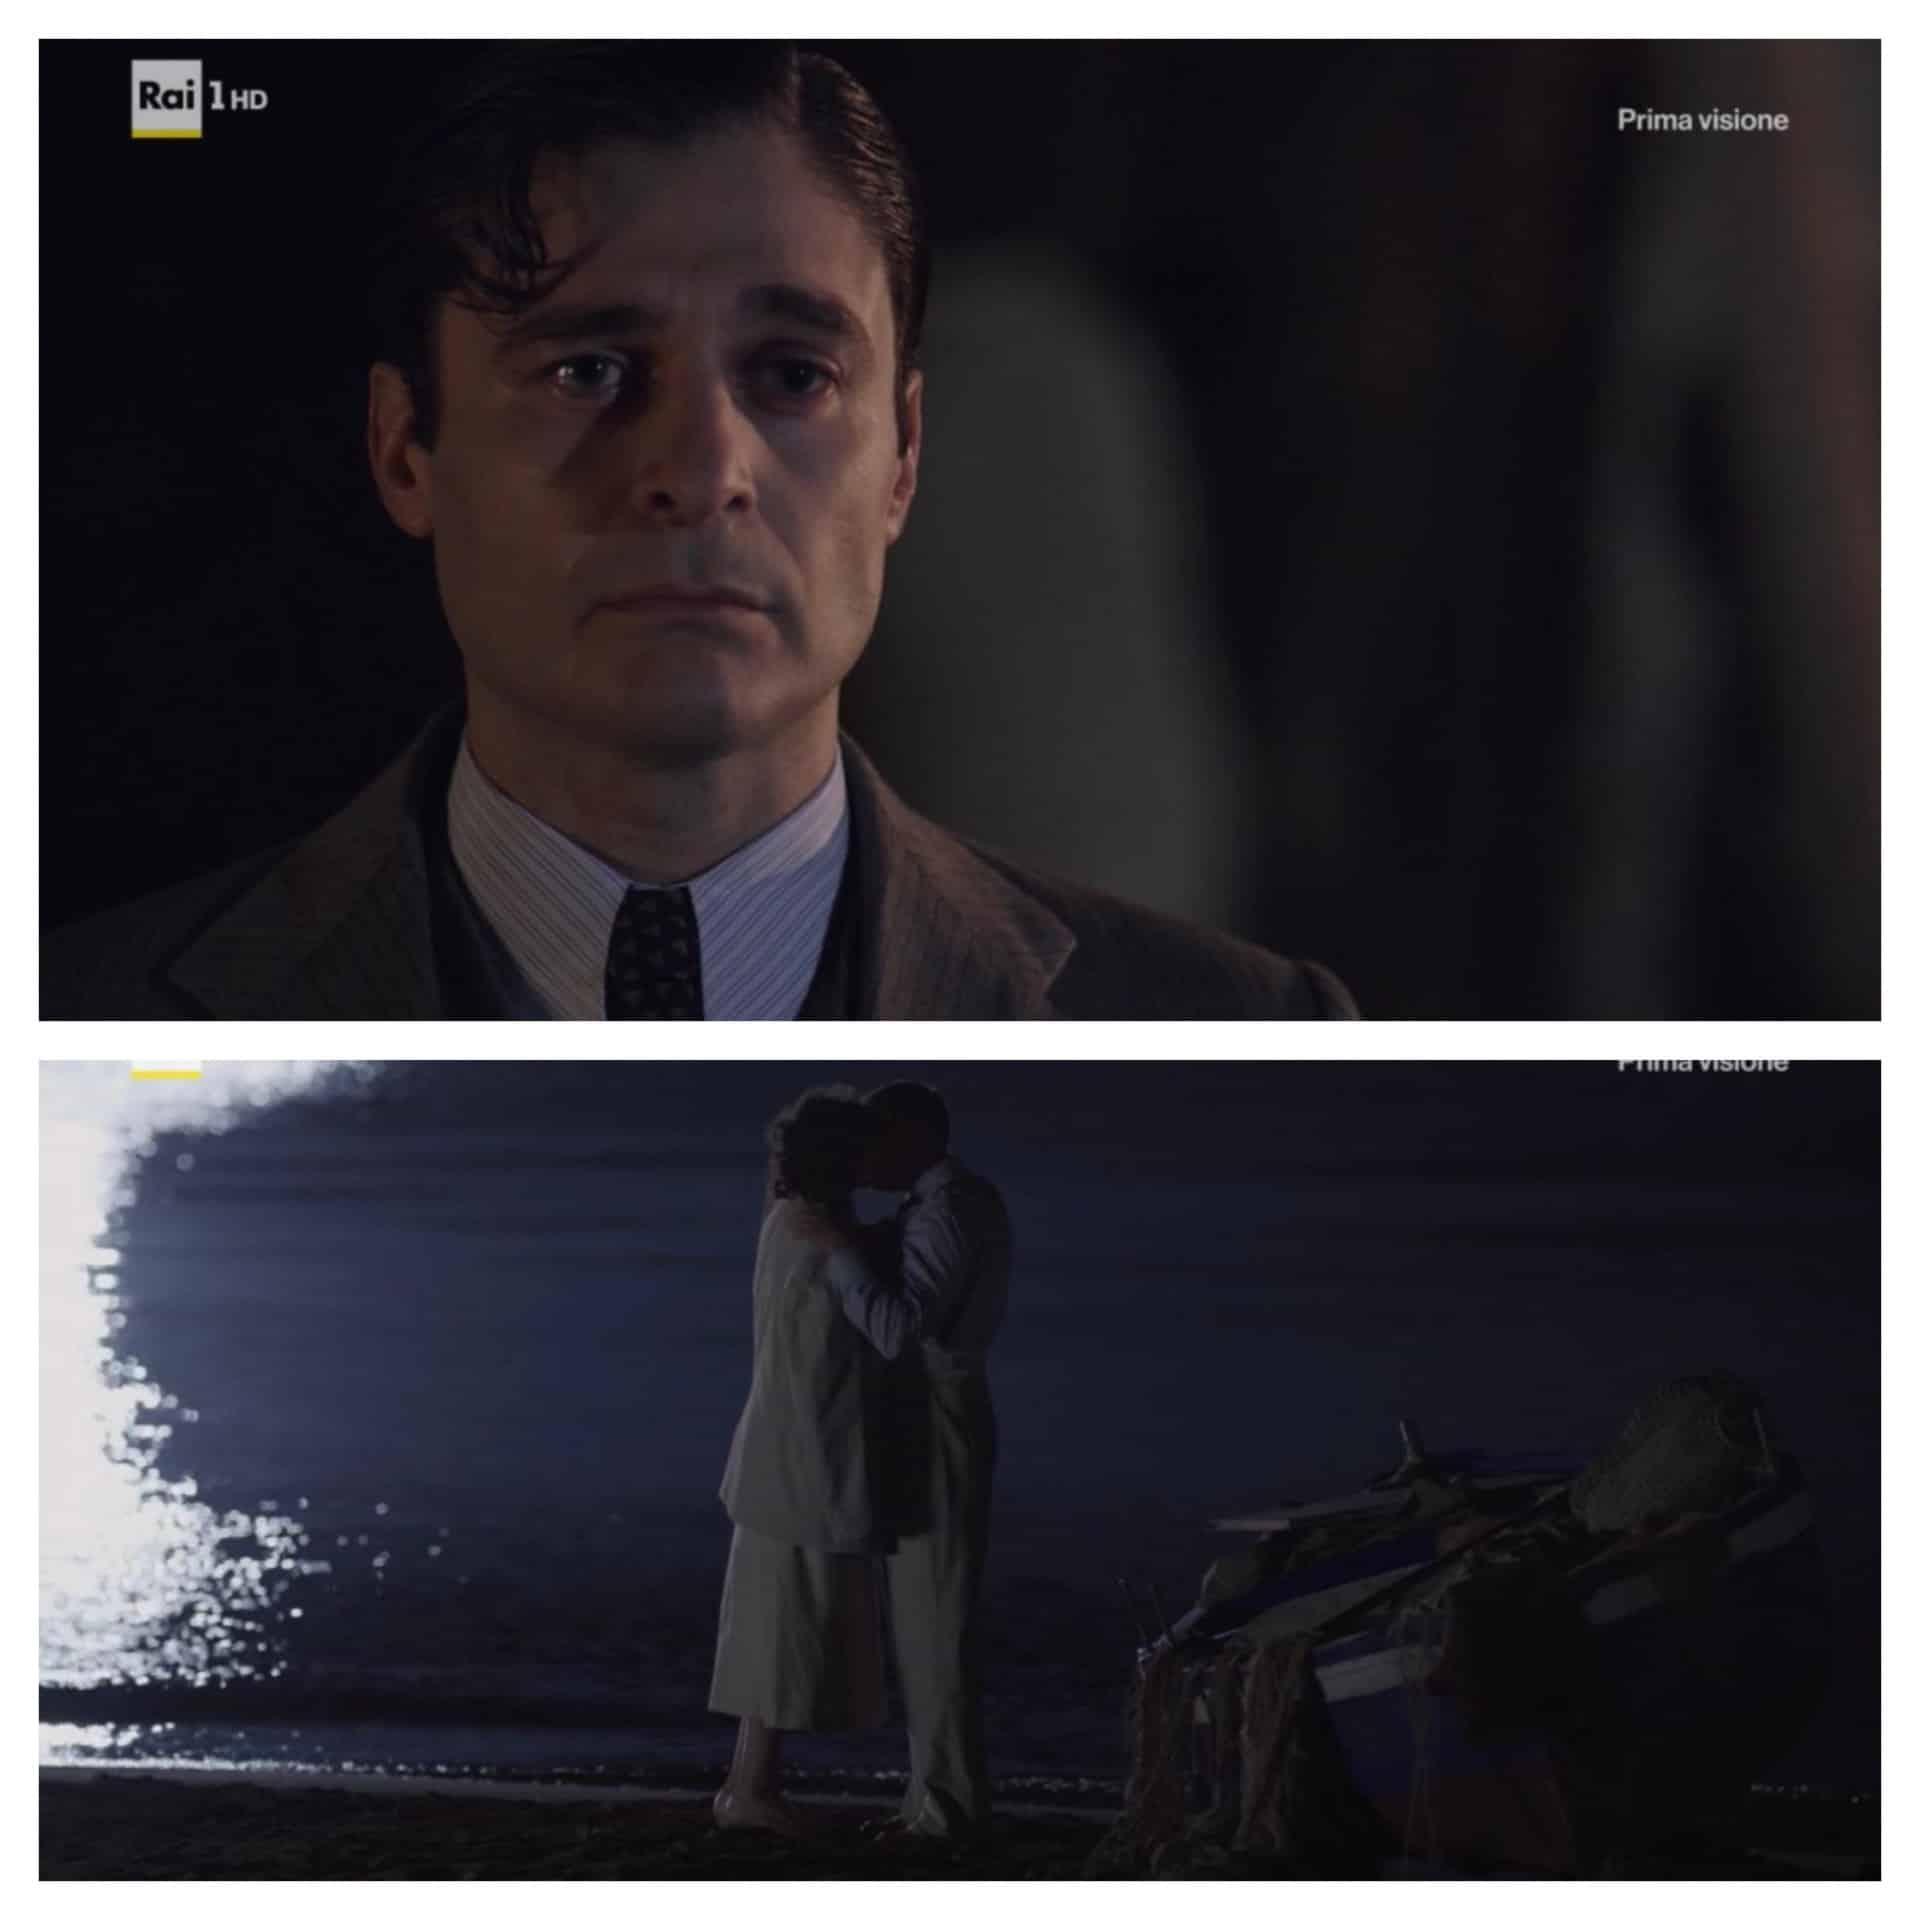 Il commissario Ricciardi 2 si farà: cosa succederà nella seconda stagione? La trama dei libri